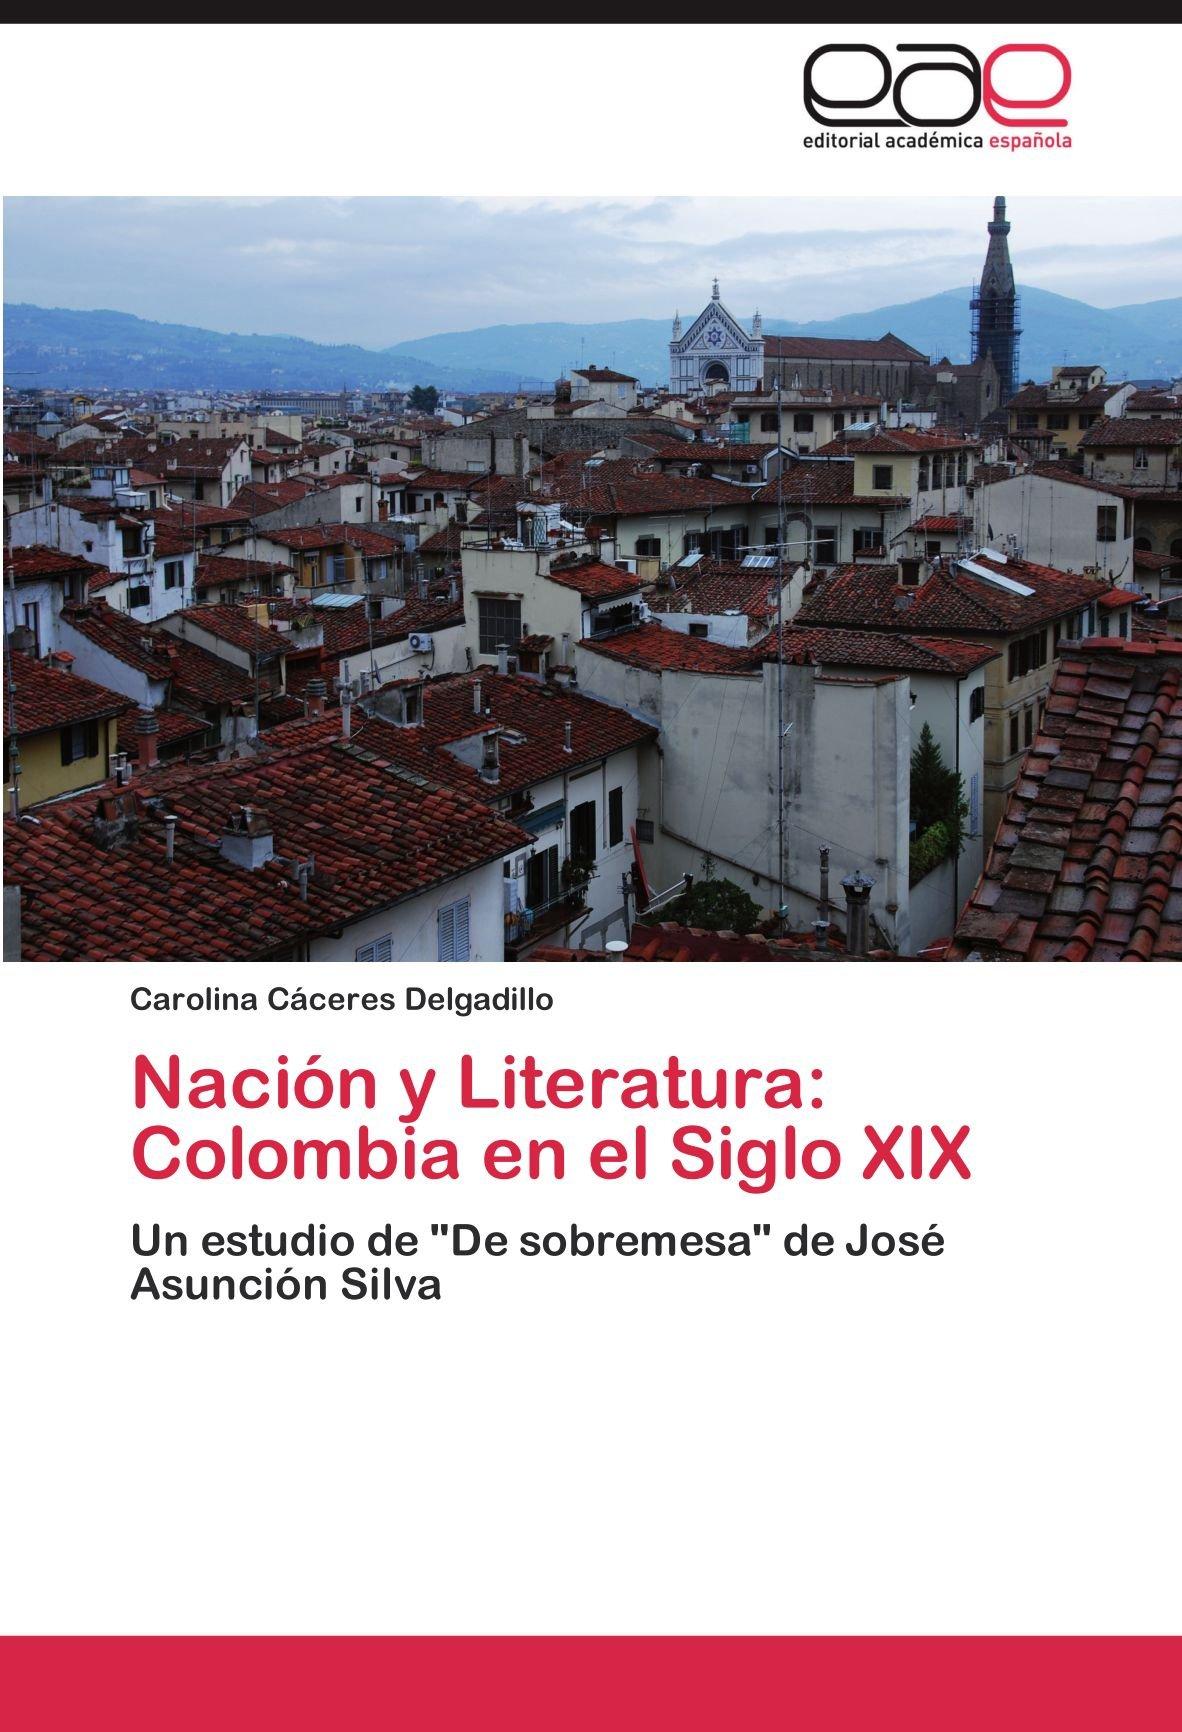 Nacion y Literatura: Colombia En El Siglo XIX: Amazon.es: Carolina C. Ceres Delgadillo, Carolina Caceres Delgadillo: Libros